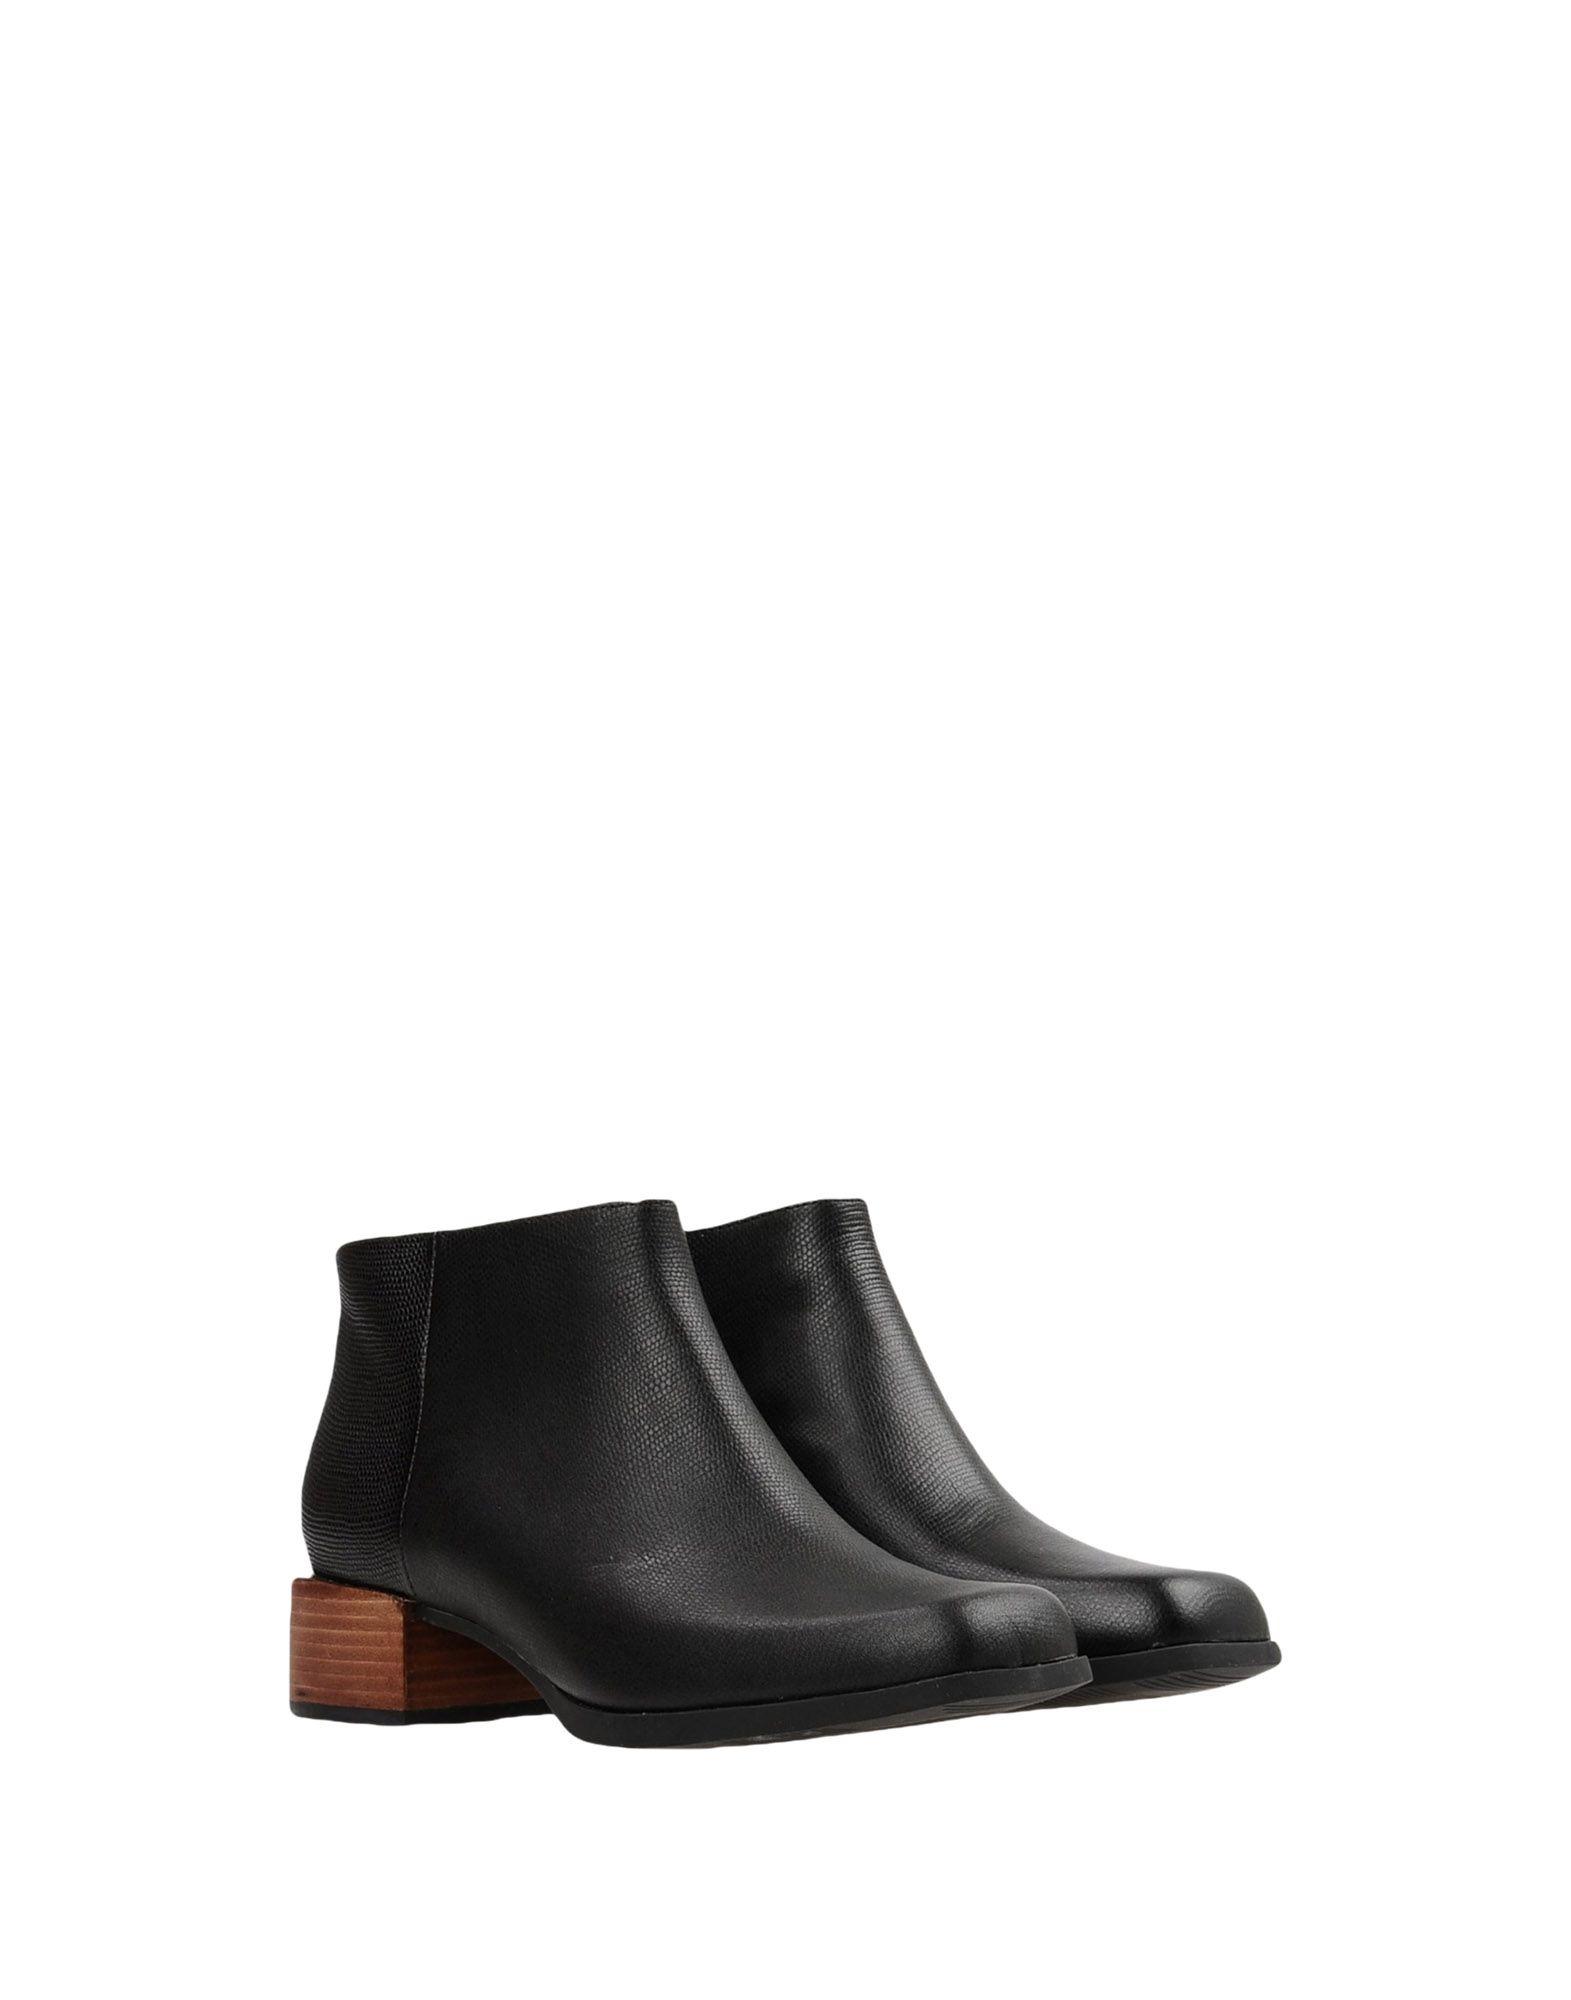 Stilvolle billige Schuhe Camper Stiefelette Stiefelette Stiefelette Damen  11356457PL 25c9d4